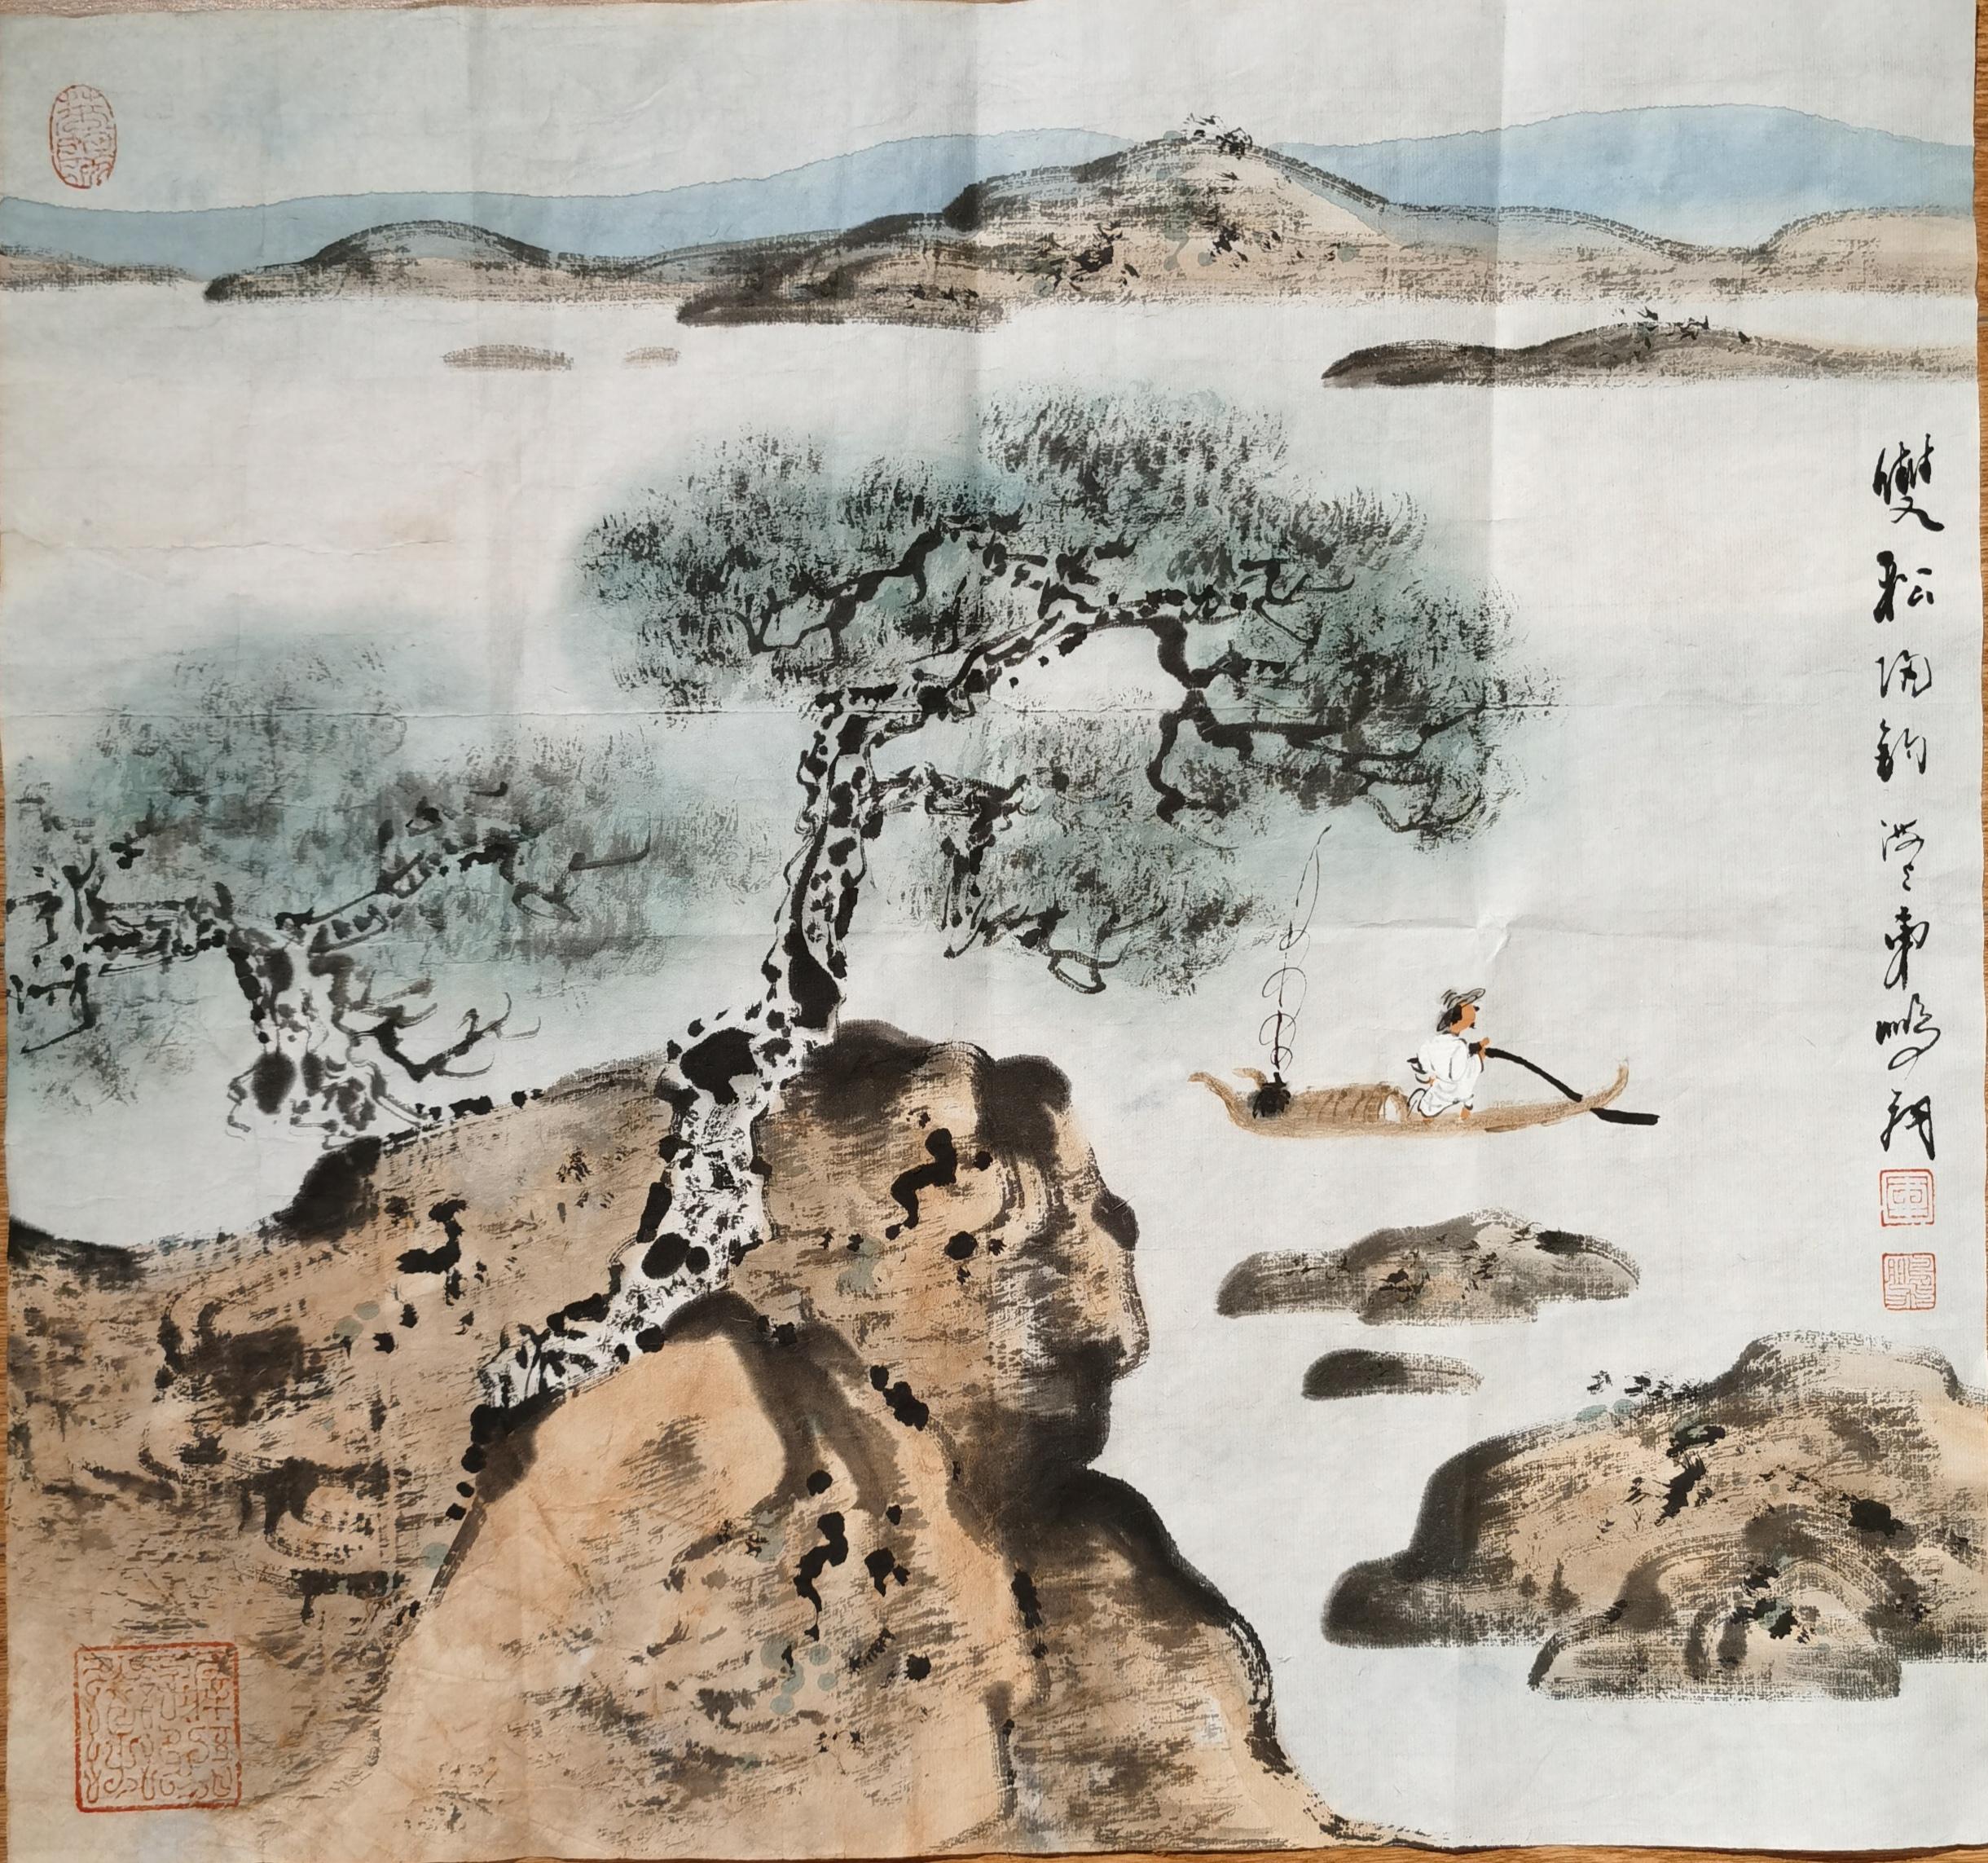 车鹏飞——国画《双松归钓》